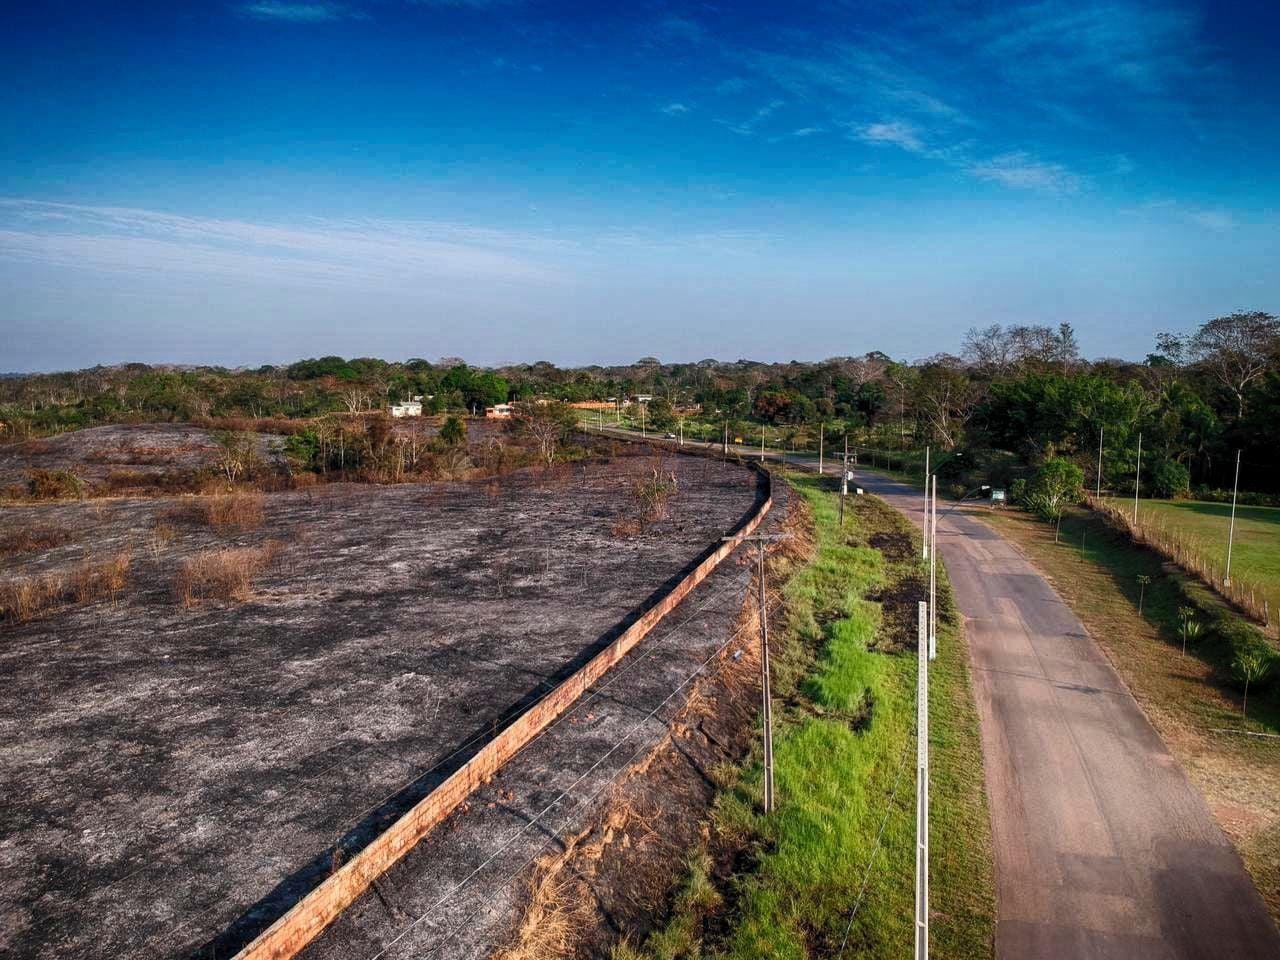 Imagens mostram impacto de queimadas dentro de área de proteção ambiental em Rio Branco